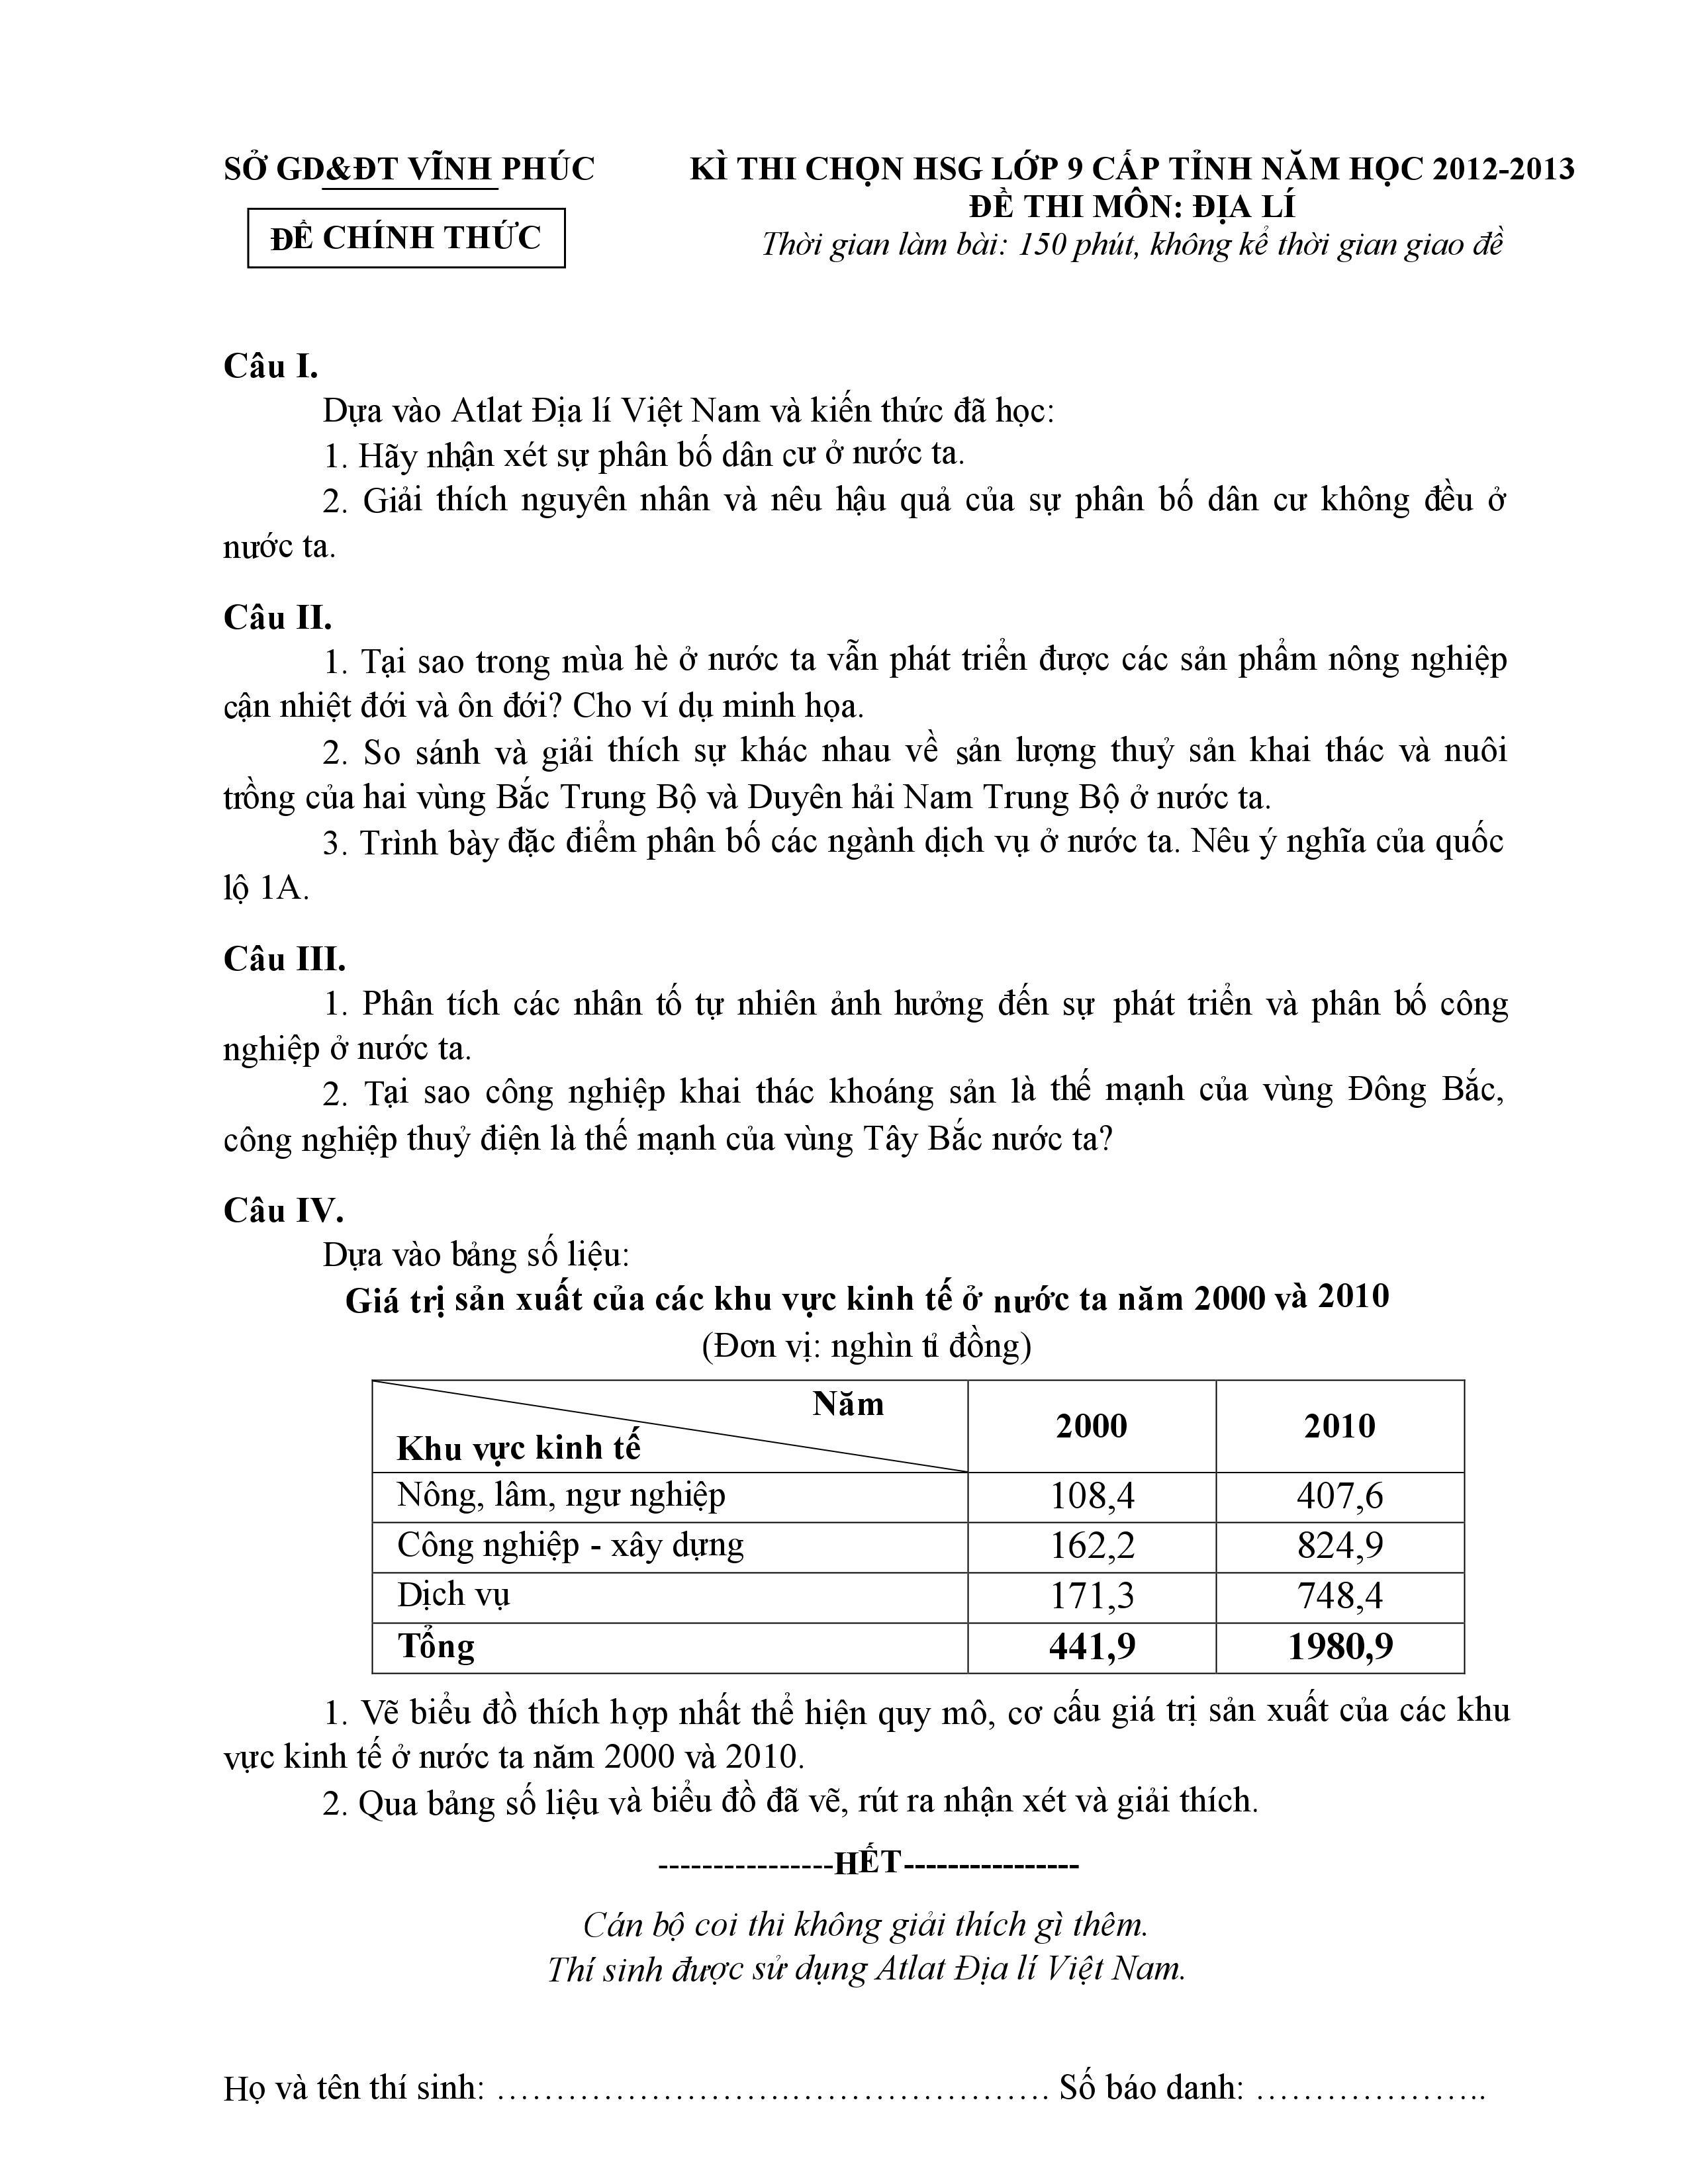 Đề thi HSG môn Địa lý lớp 9 tỉnh Vĩnh Phúc năm 2013